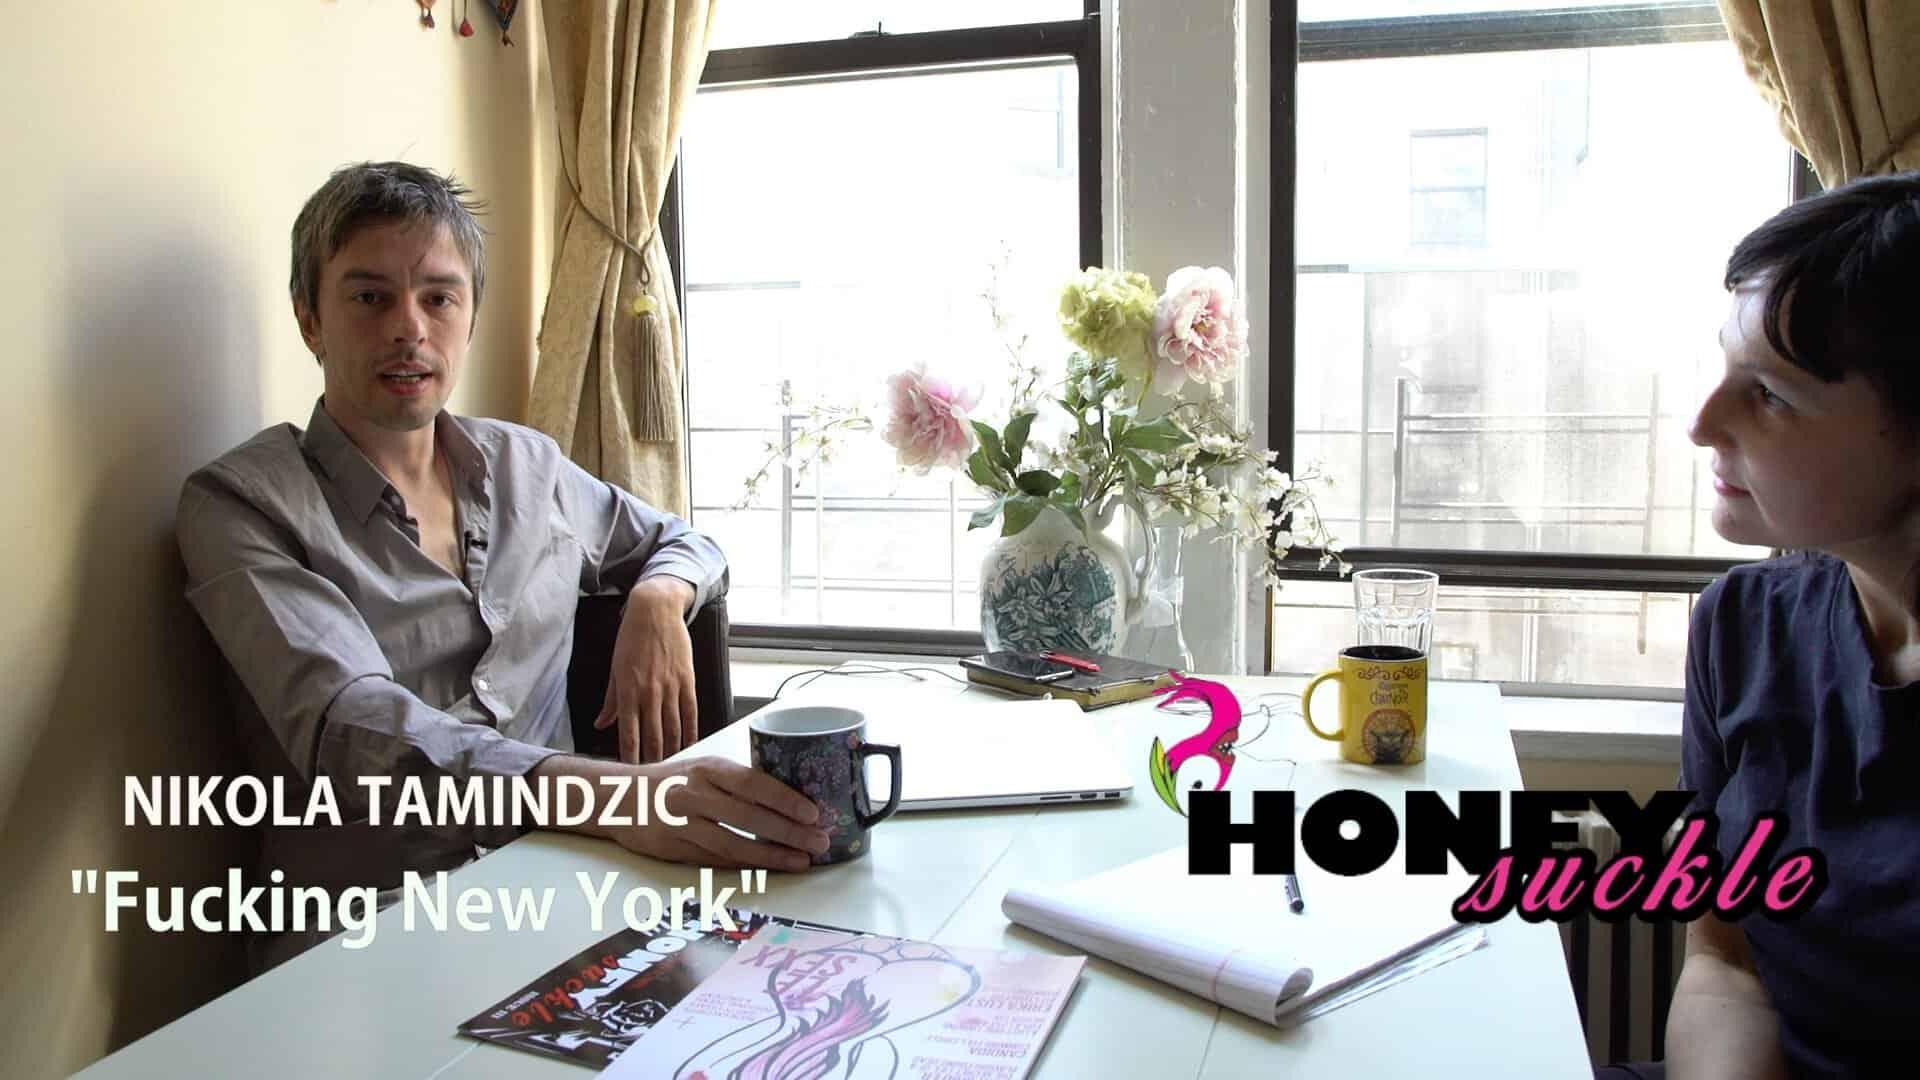 Nikola Tamindzic's, FUCKING NEW YORK